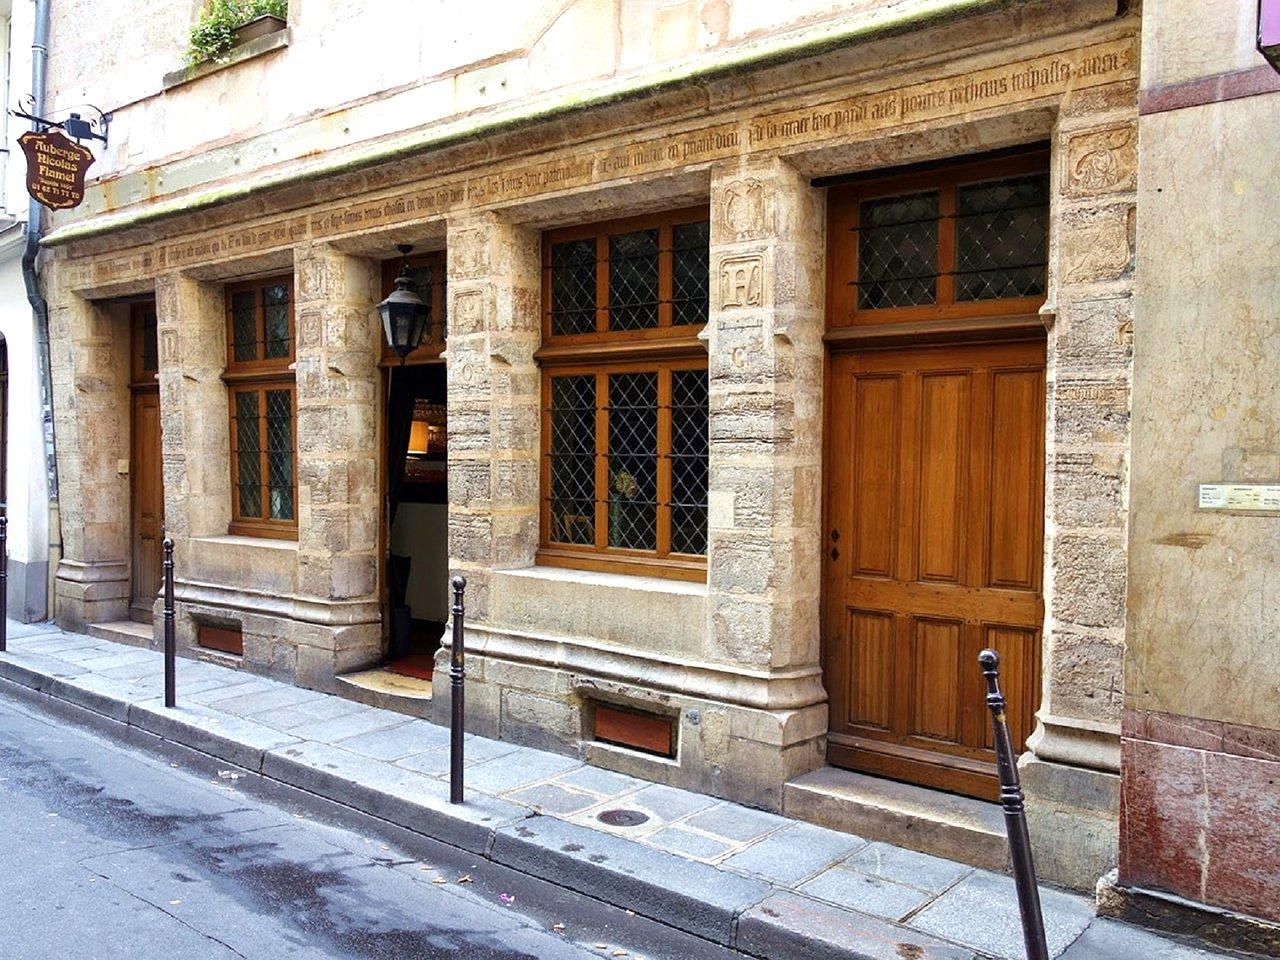 maison-medievale-a-paris nicolas flamel 1407 moyen age plus ancienne maison